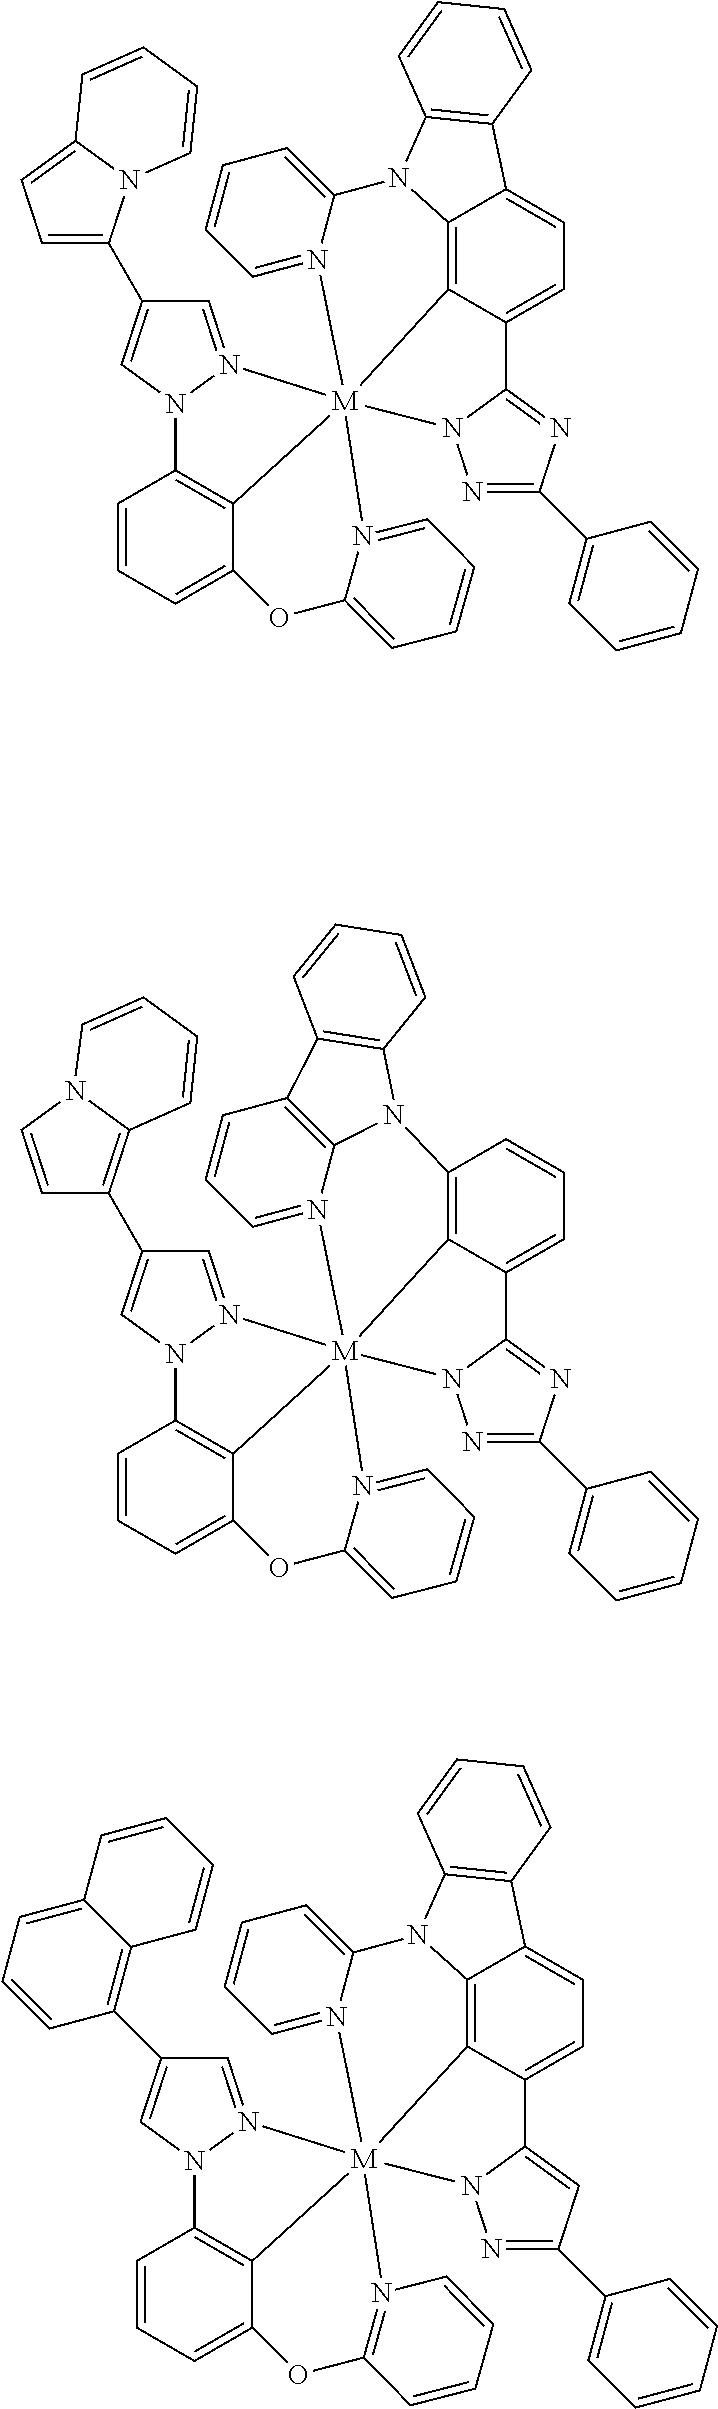 Figure US09818959-20171114-C00317